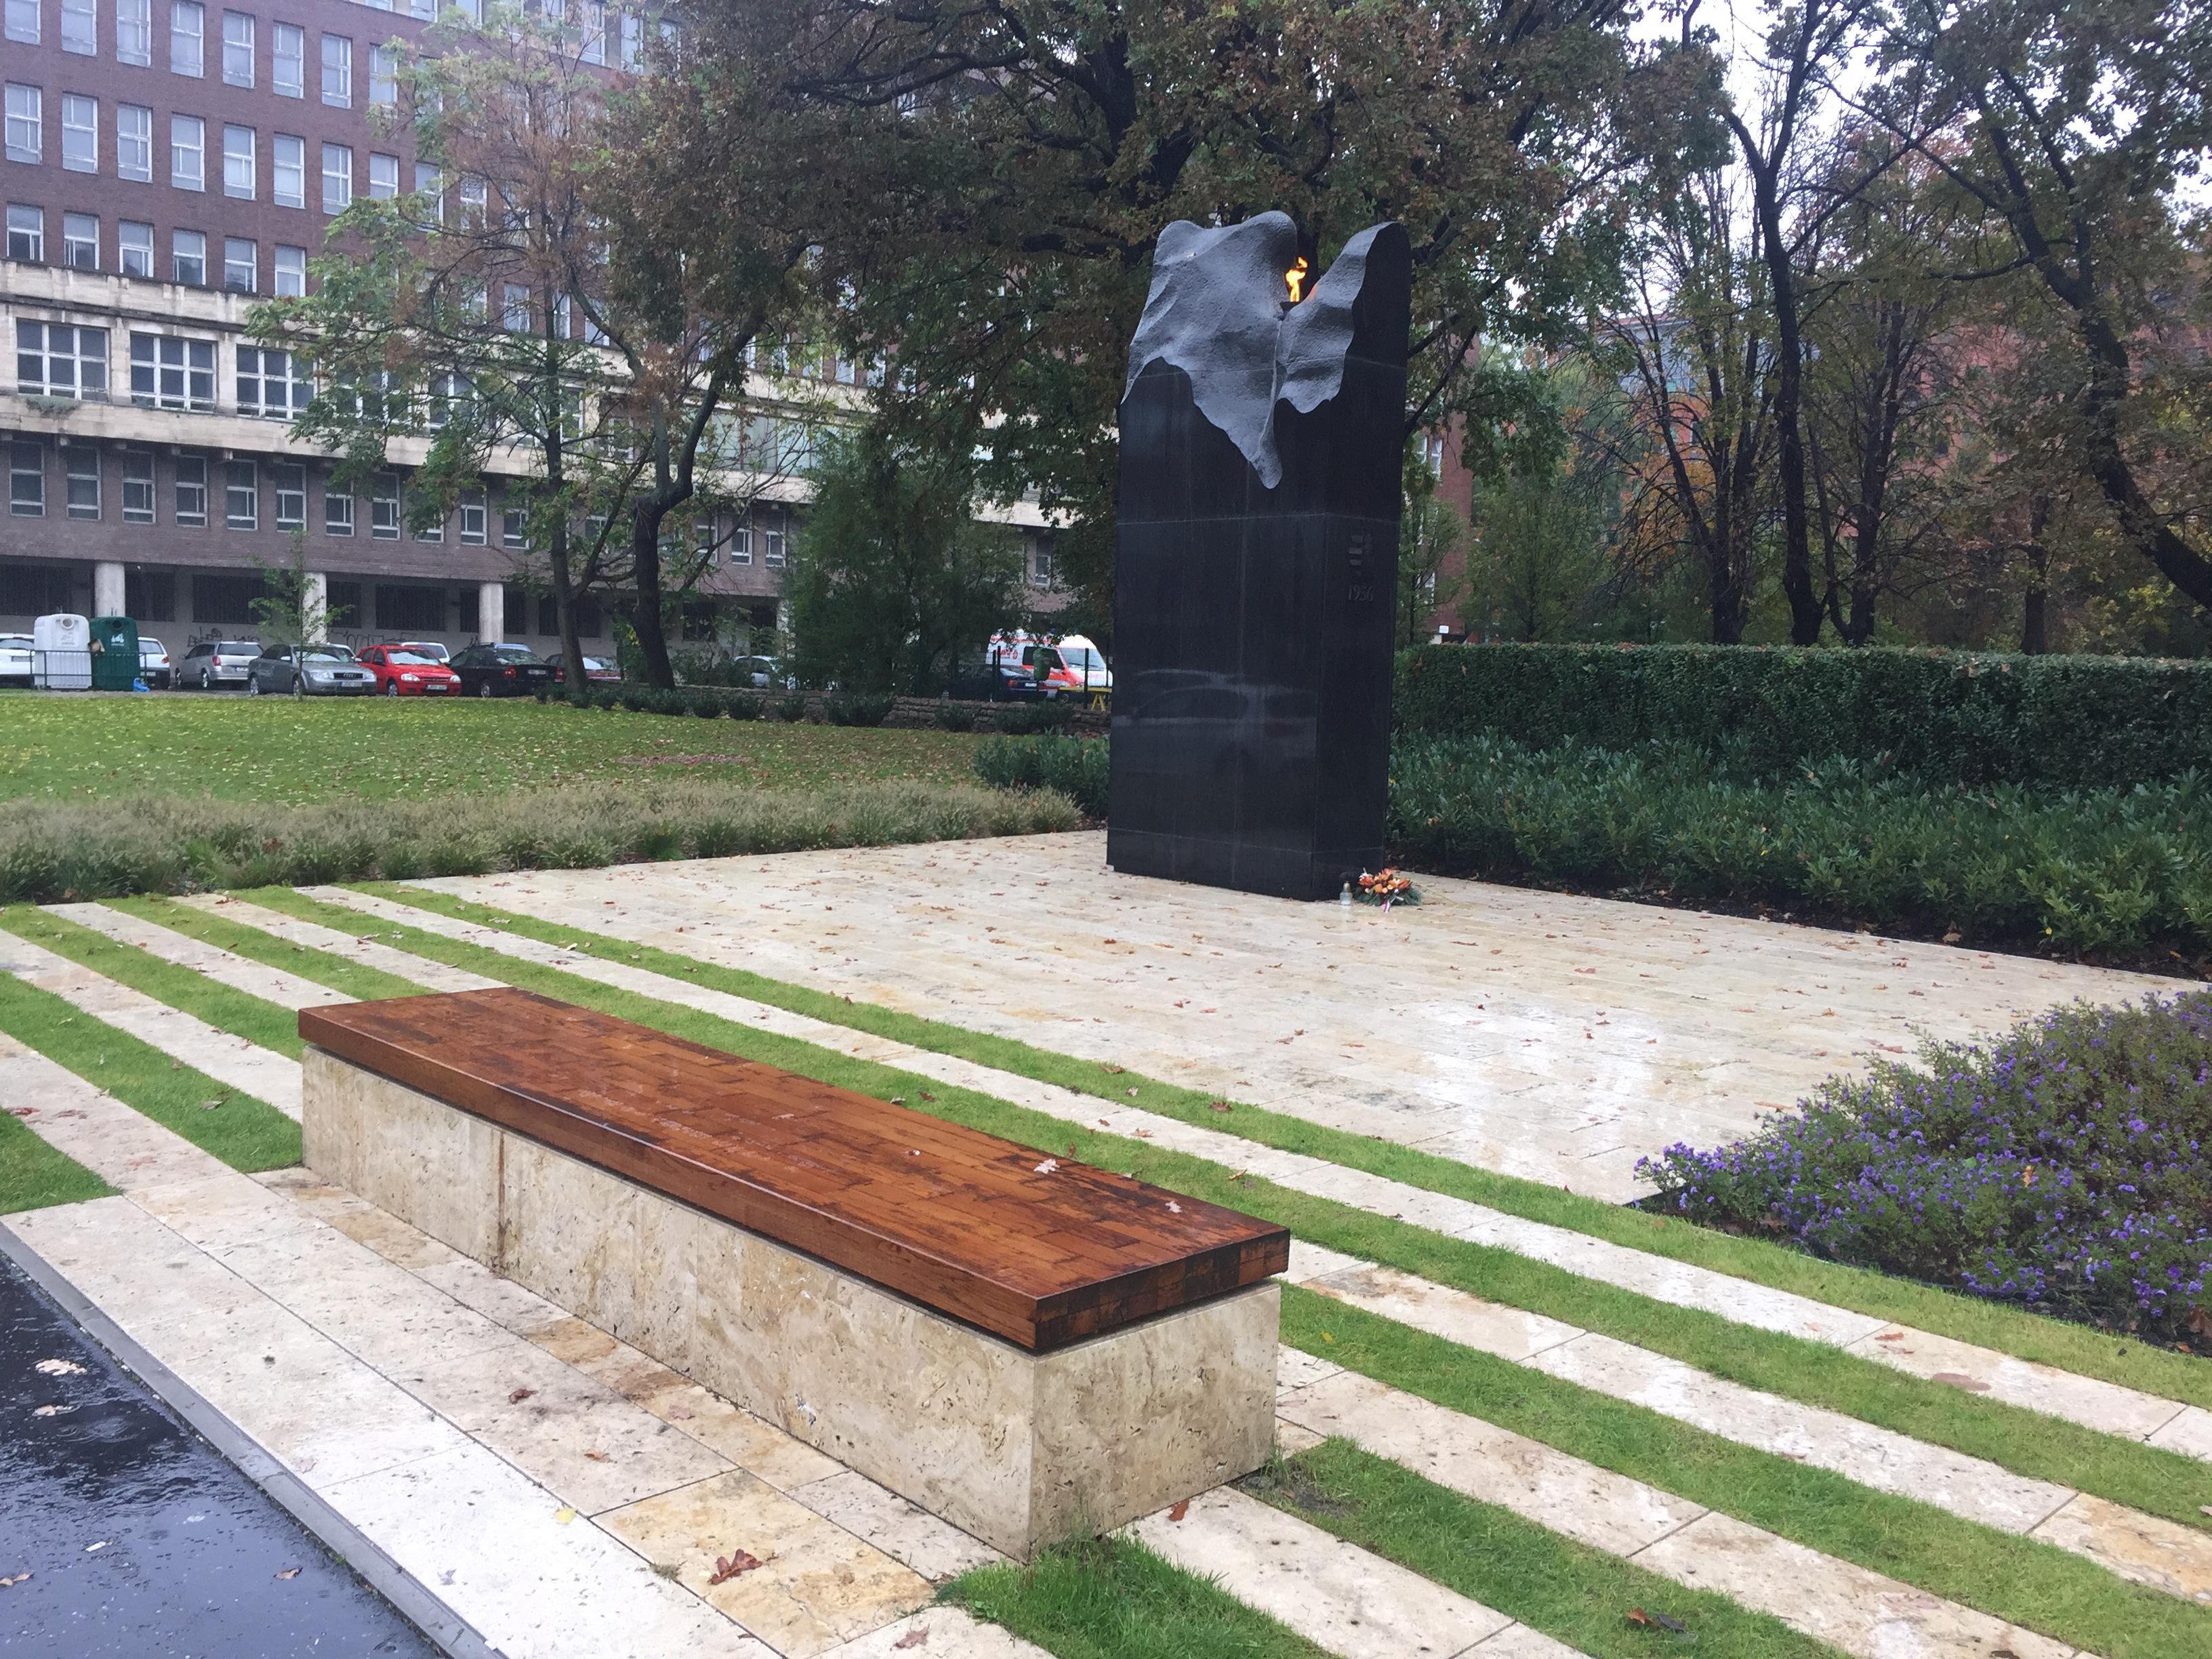 Közadakozásból épült, de a Kossuth térről kidobták és már el is felejtette mindenki